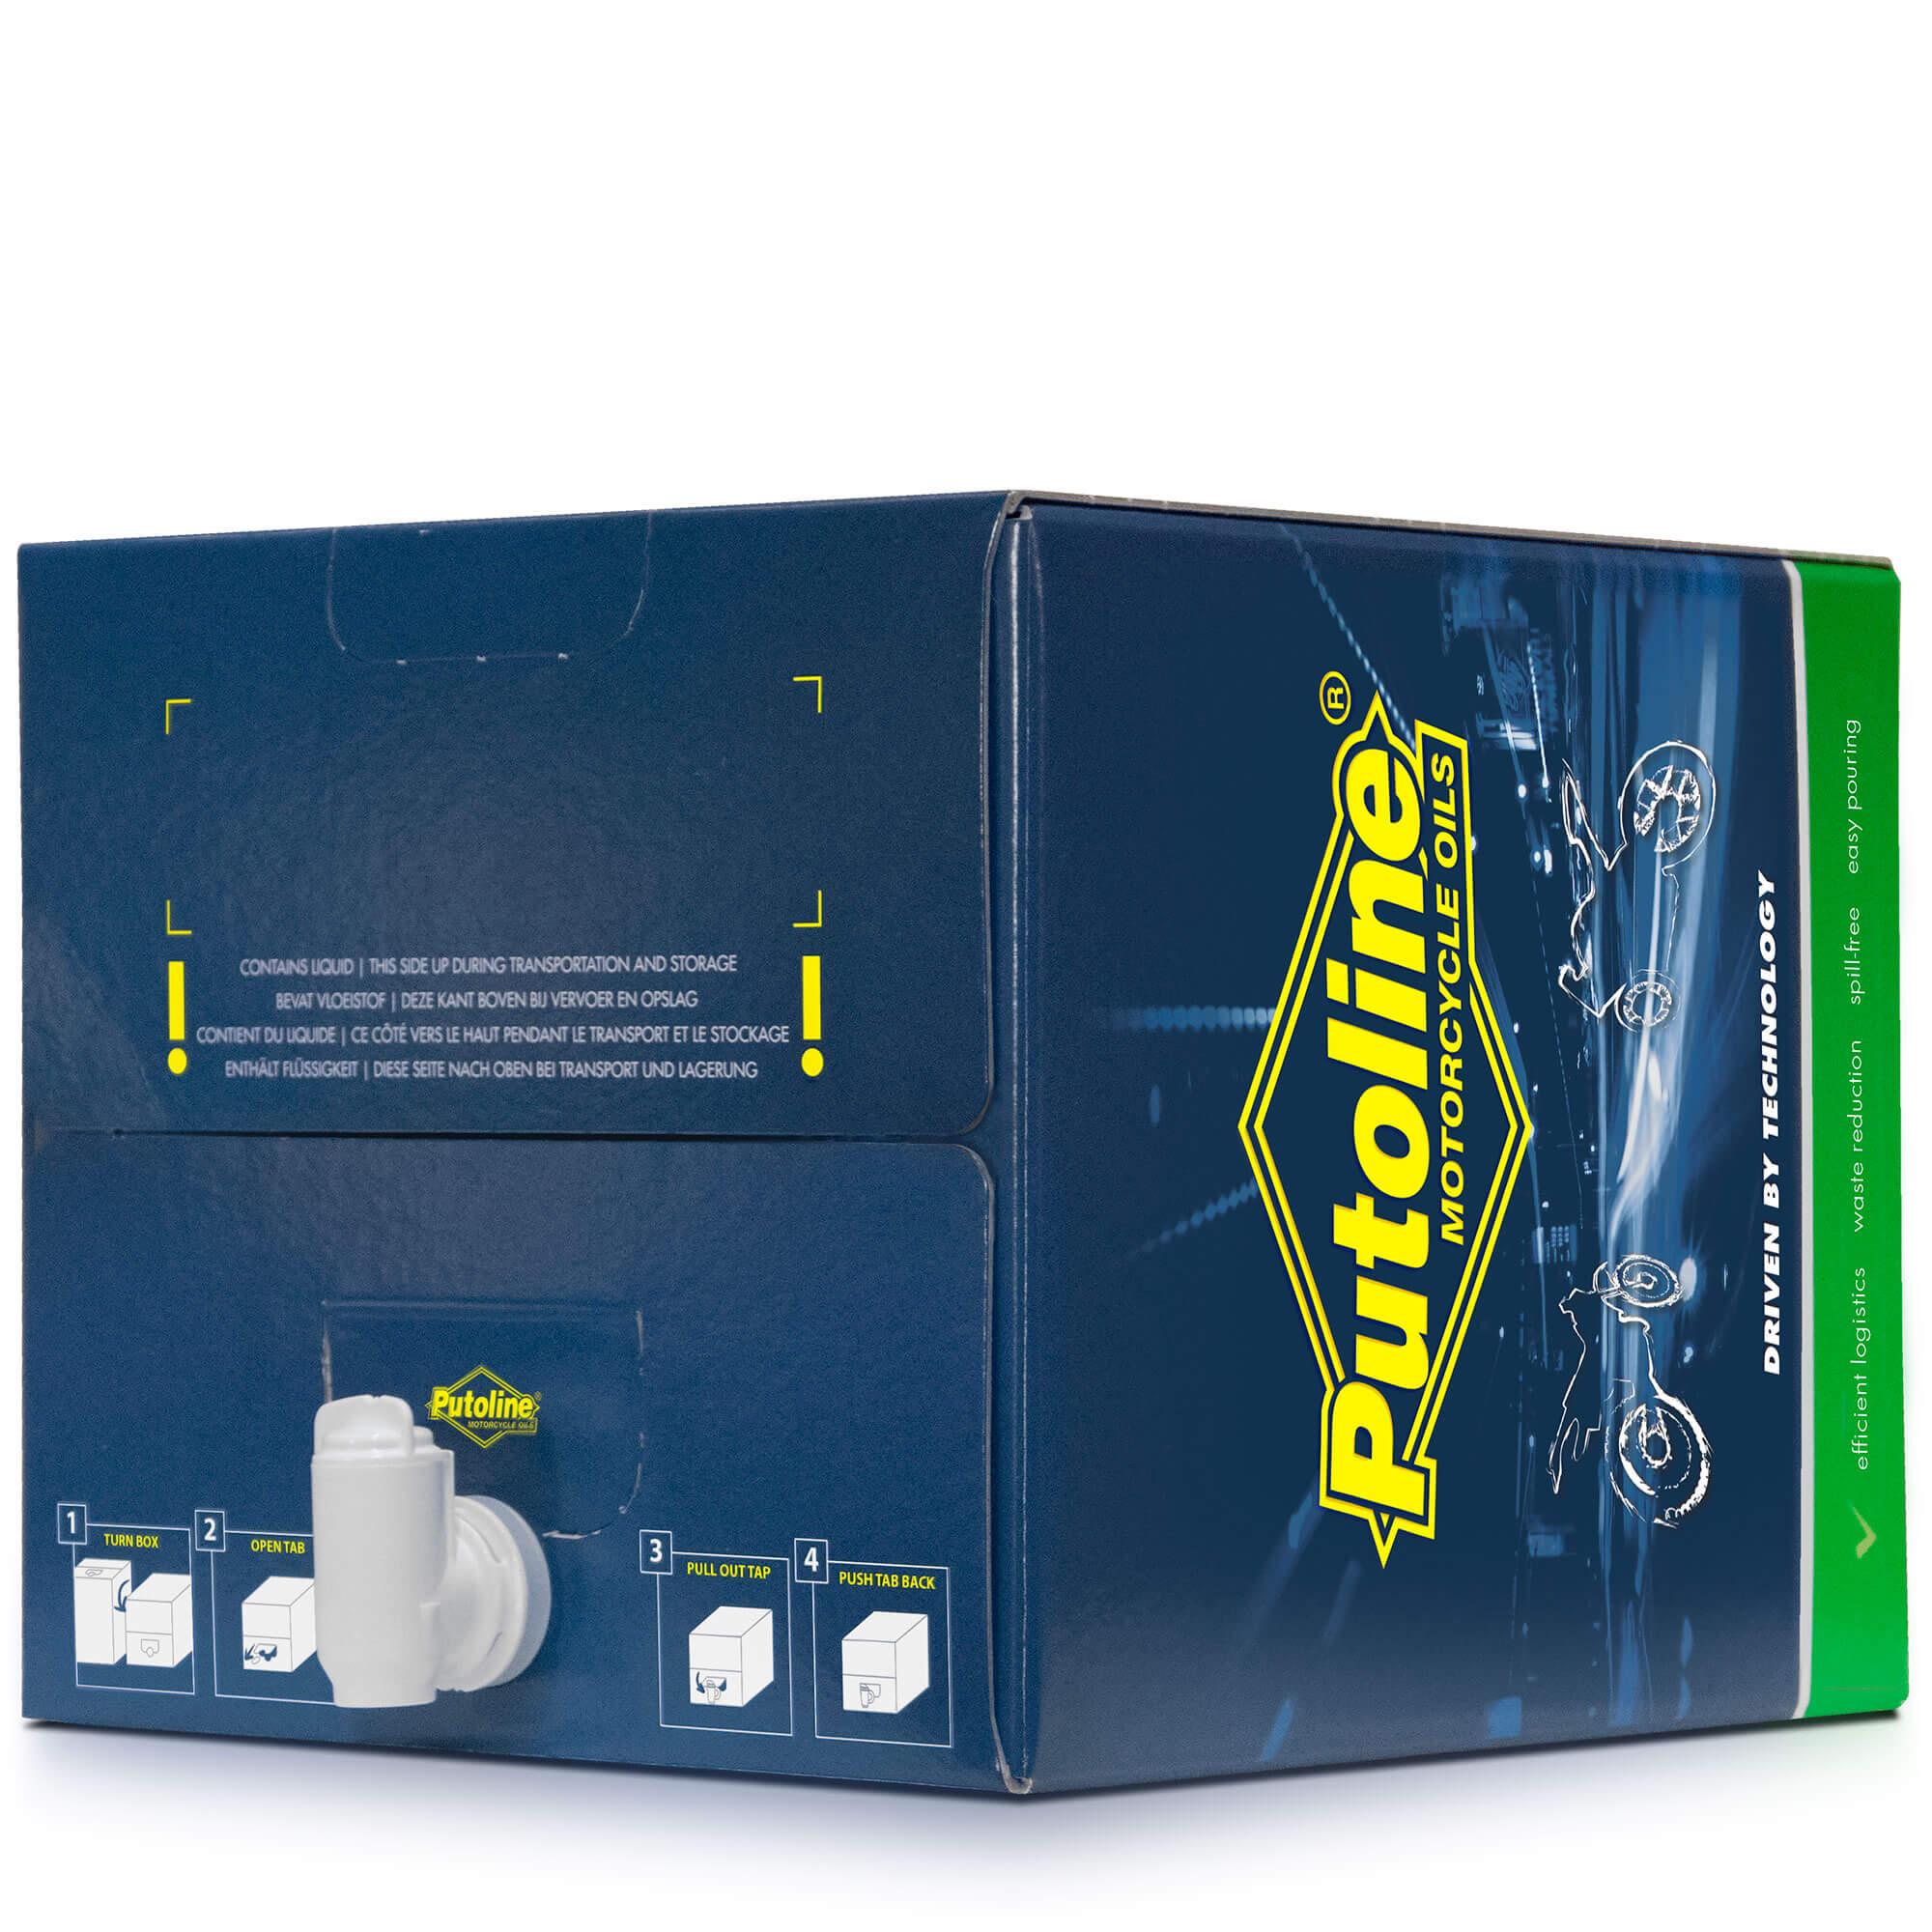 20L H. moteur 2 Tps Synthétique Putoline MX 9